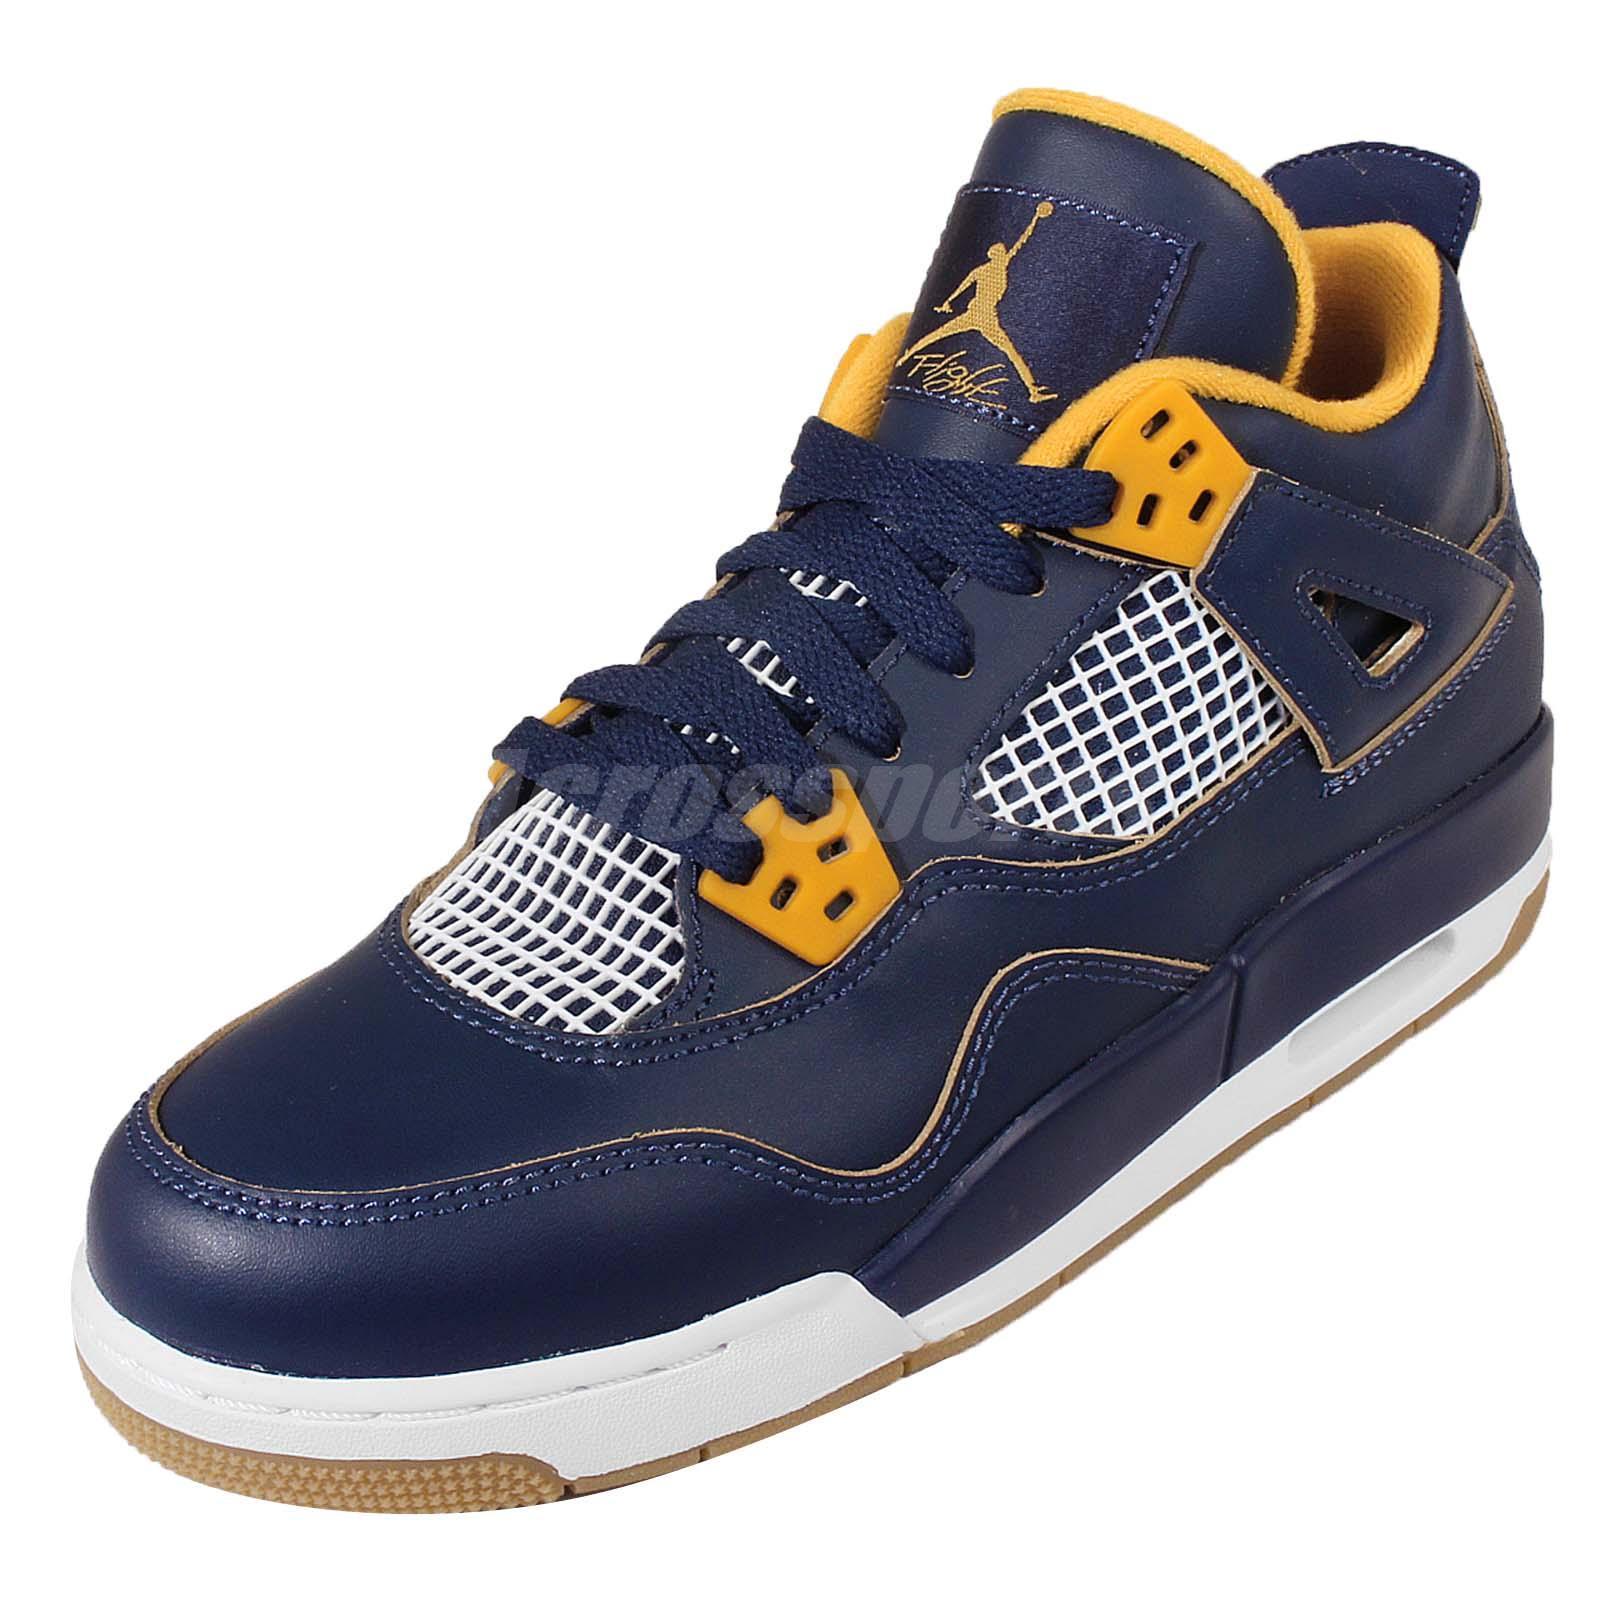 Air Jordan 30 oro